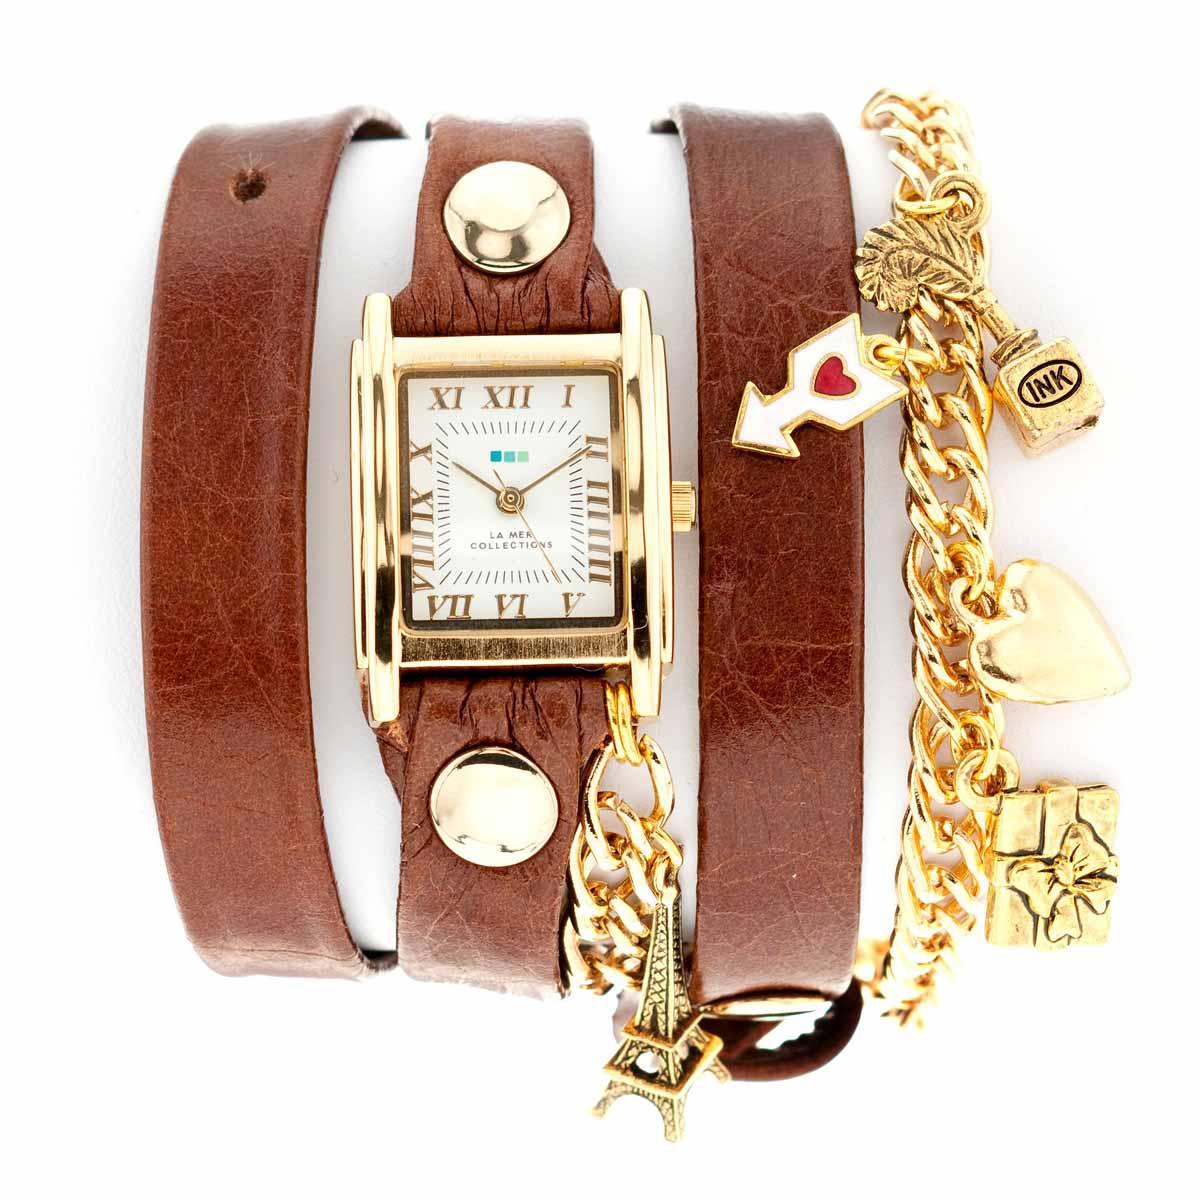 Часы наручные женские La Mer Collections Charm Paris Brown Gold. LMCW3002ABM8434-58AEЧасы оснащены японским кварцевым механизмом. Корпус прямоугольной формы выполнен из нержавеющей стали золотистого цвета. Оригинальный кожаный ремешок коричневого цвета отделан металлическими клепками и дополнен цепочкой.Каждая модель женских наручных часов La Mer Collections имеет эксклюзивный дизайн, в основу которого положено необычное сочетание классических циферблатов с удлиненными кожаными ремешками. Оборачиваясь вокруг запястья несколько раз, они образуют эффект кожаного браслета, превращая часы в женственный аксессуар, который великолепно дополнит другие аксессуары и весь образ в целом.Дизайн La Mer Collections отвечает всем последним тенденциям моды и превосходно сочетается с модными сумками, ремнями, обувью и другими элементами гардероба современных девушек. Часы La Mer - это еще и отличный подарок любимой девушке, сестре или подруге на день рождения, восьмое марта или новый год! Характеристики:Механизм: кварцевый SEIKO (Япония).Размер корпуса: 25 х 22 х 8 мм. Материал корпуса: сплав металлов. Стекло: минеральное. Ремешок: Итальянская натуральная кожа.Размер ремешка: 55 х 1,3 см.Цепочки и украшения: позолота, серебро, олово, медь (не содержат никель).Гарантия: 1 год. Размер упаковки: 10 см x 10 см x 6,5 см.